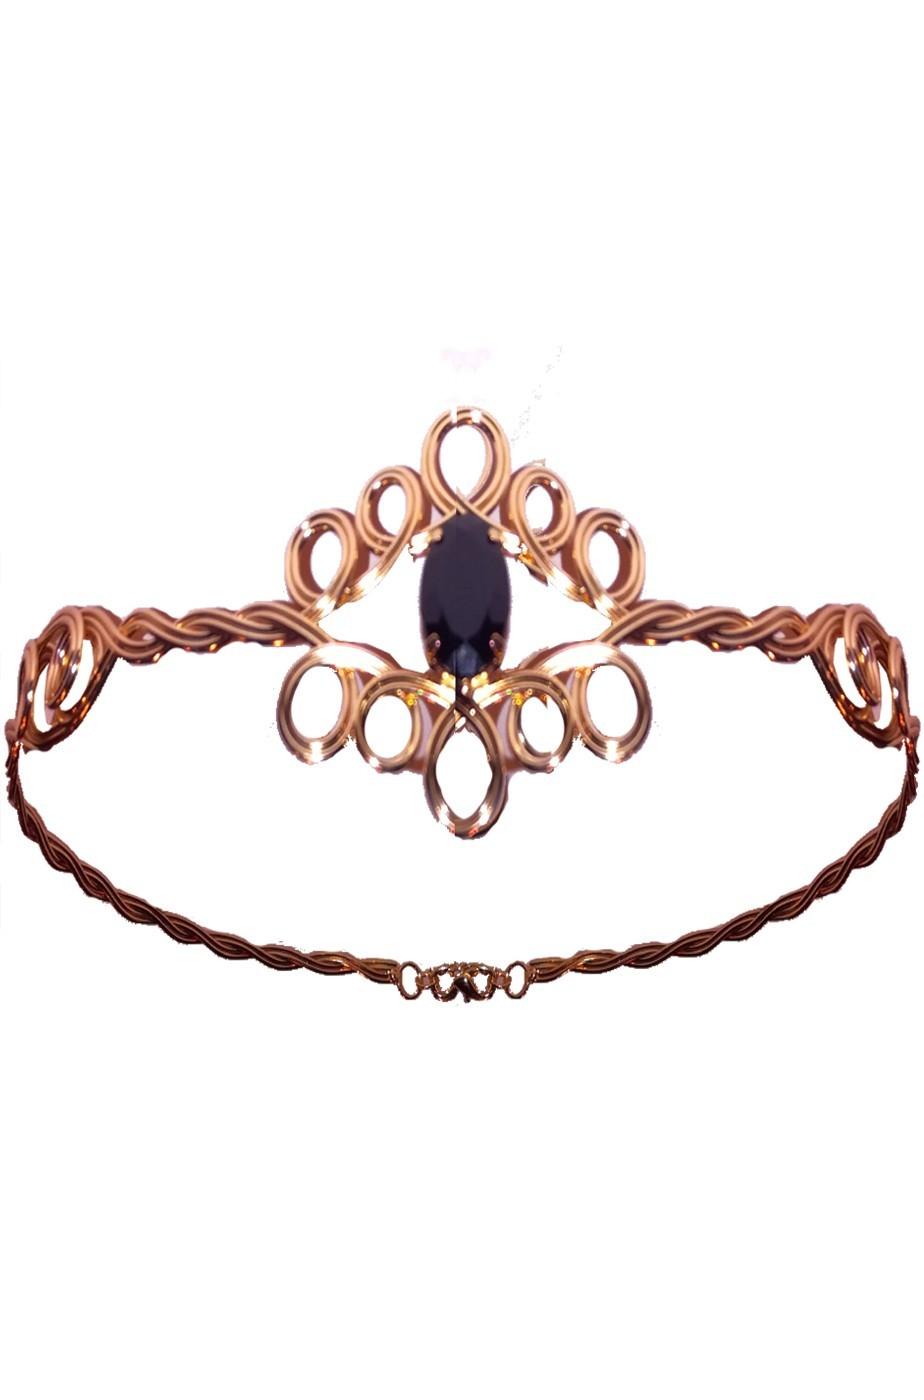 Corona o diadema regina medievale